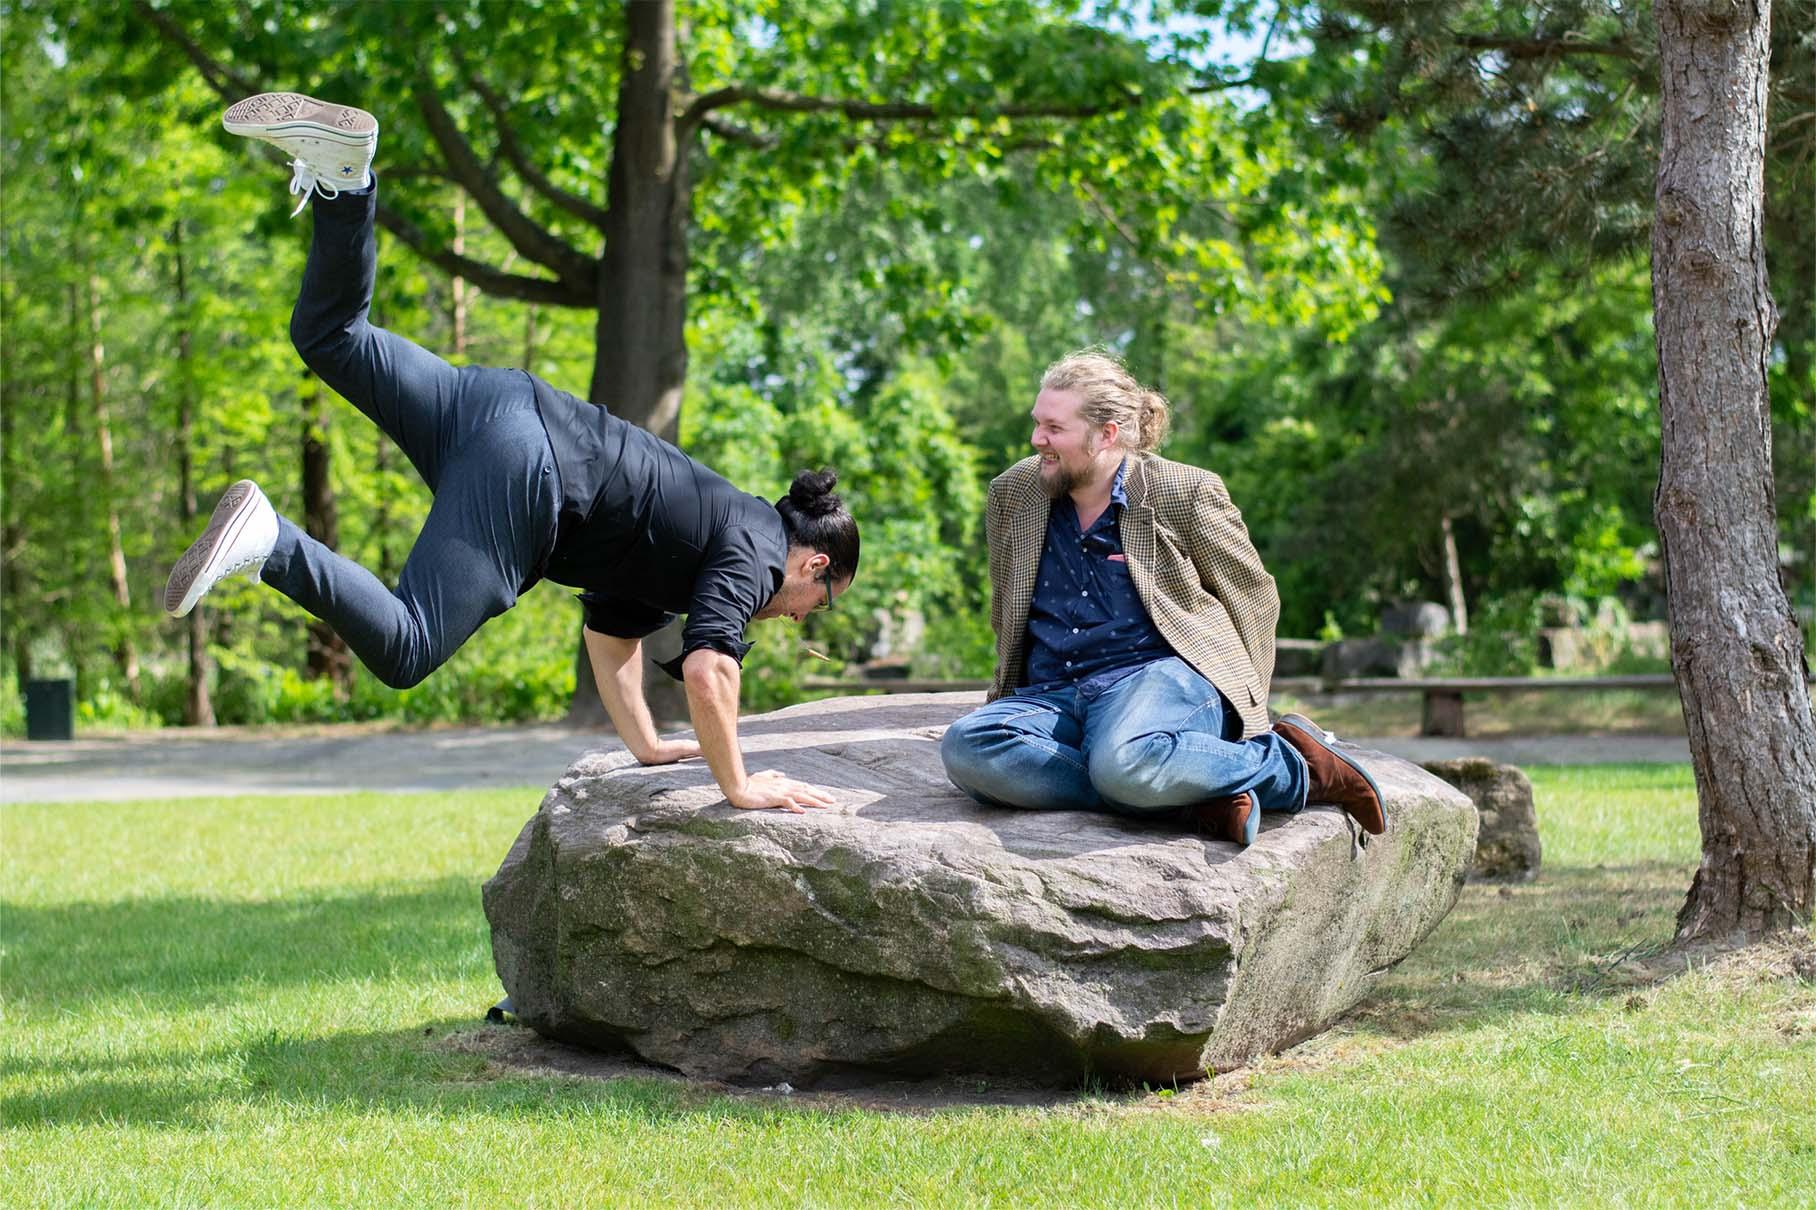 Foto van Frank en Tomi op een speelse manier.